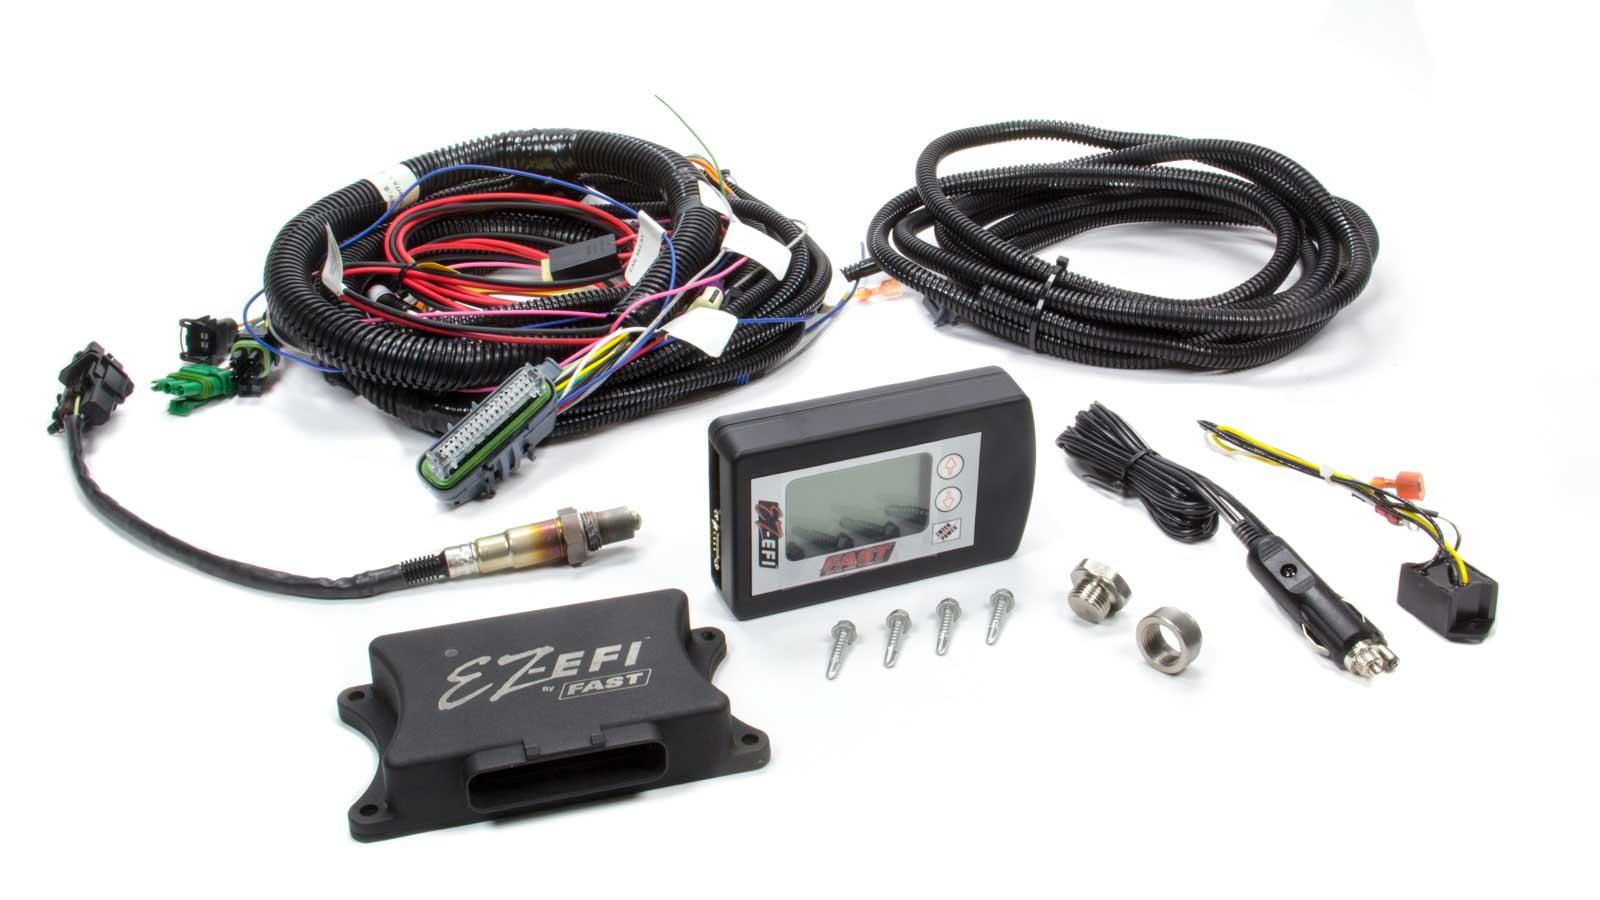 Grand Prix Auto Fast Efi Wire Harness Delez Kit Multi Port Superseded 09 30 15